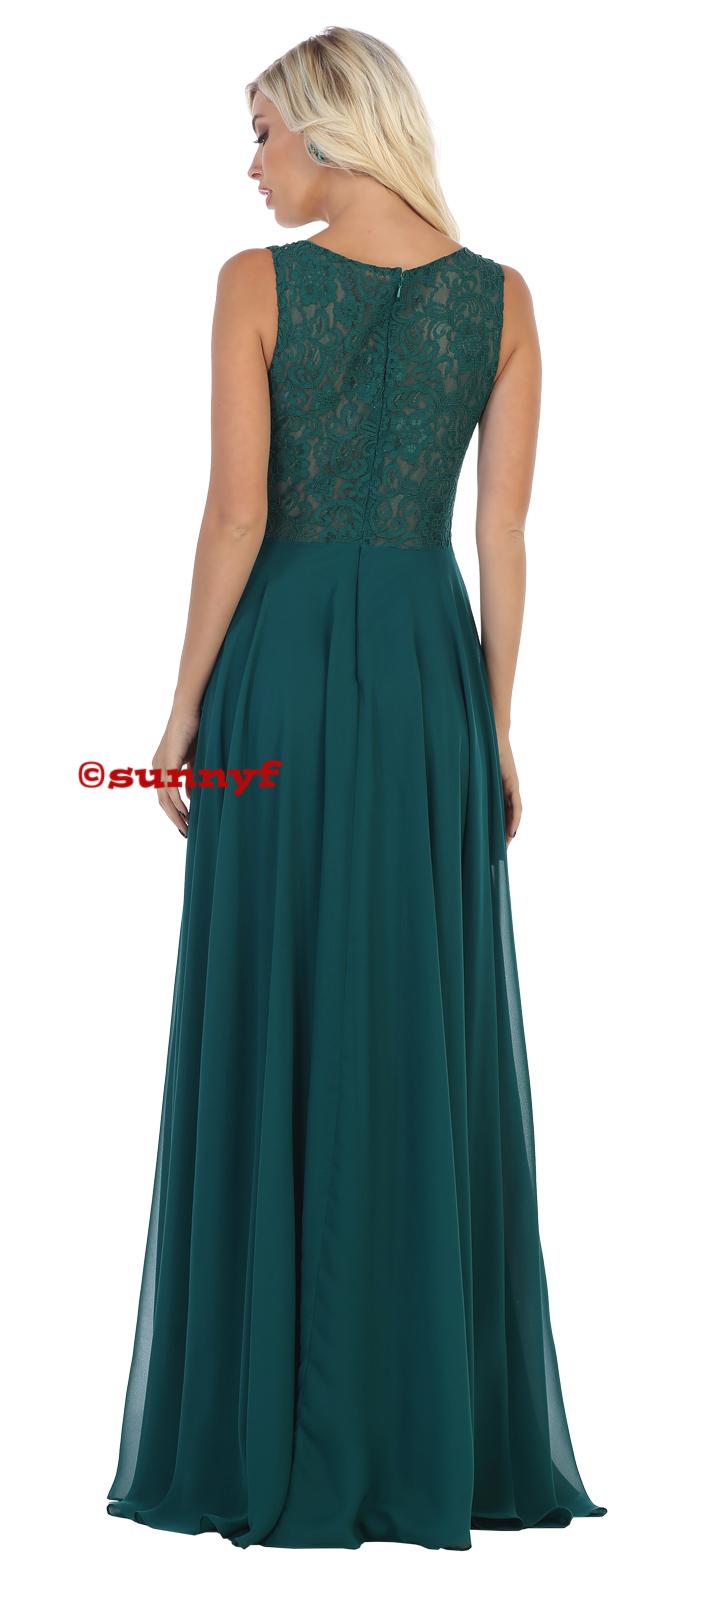 Abendkleid Brautjungfernkleid Ballkleid Abiballkleid Hochzeitsgast  dunkelgrün